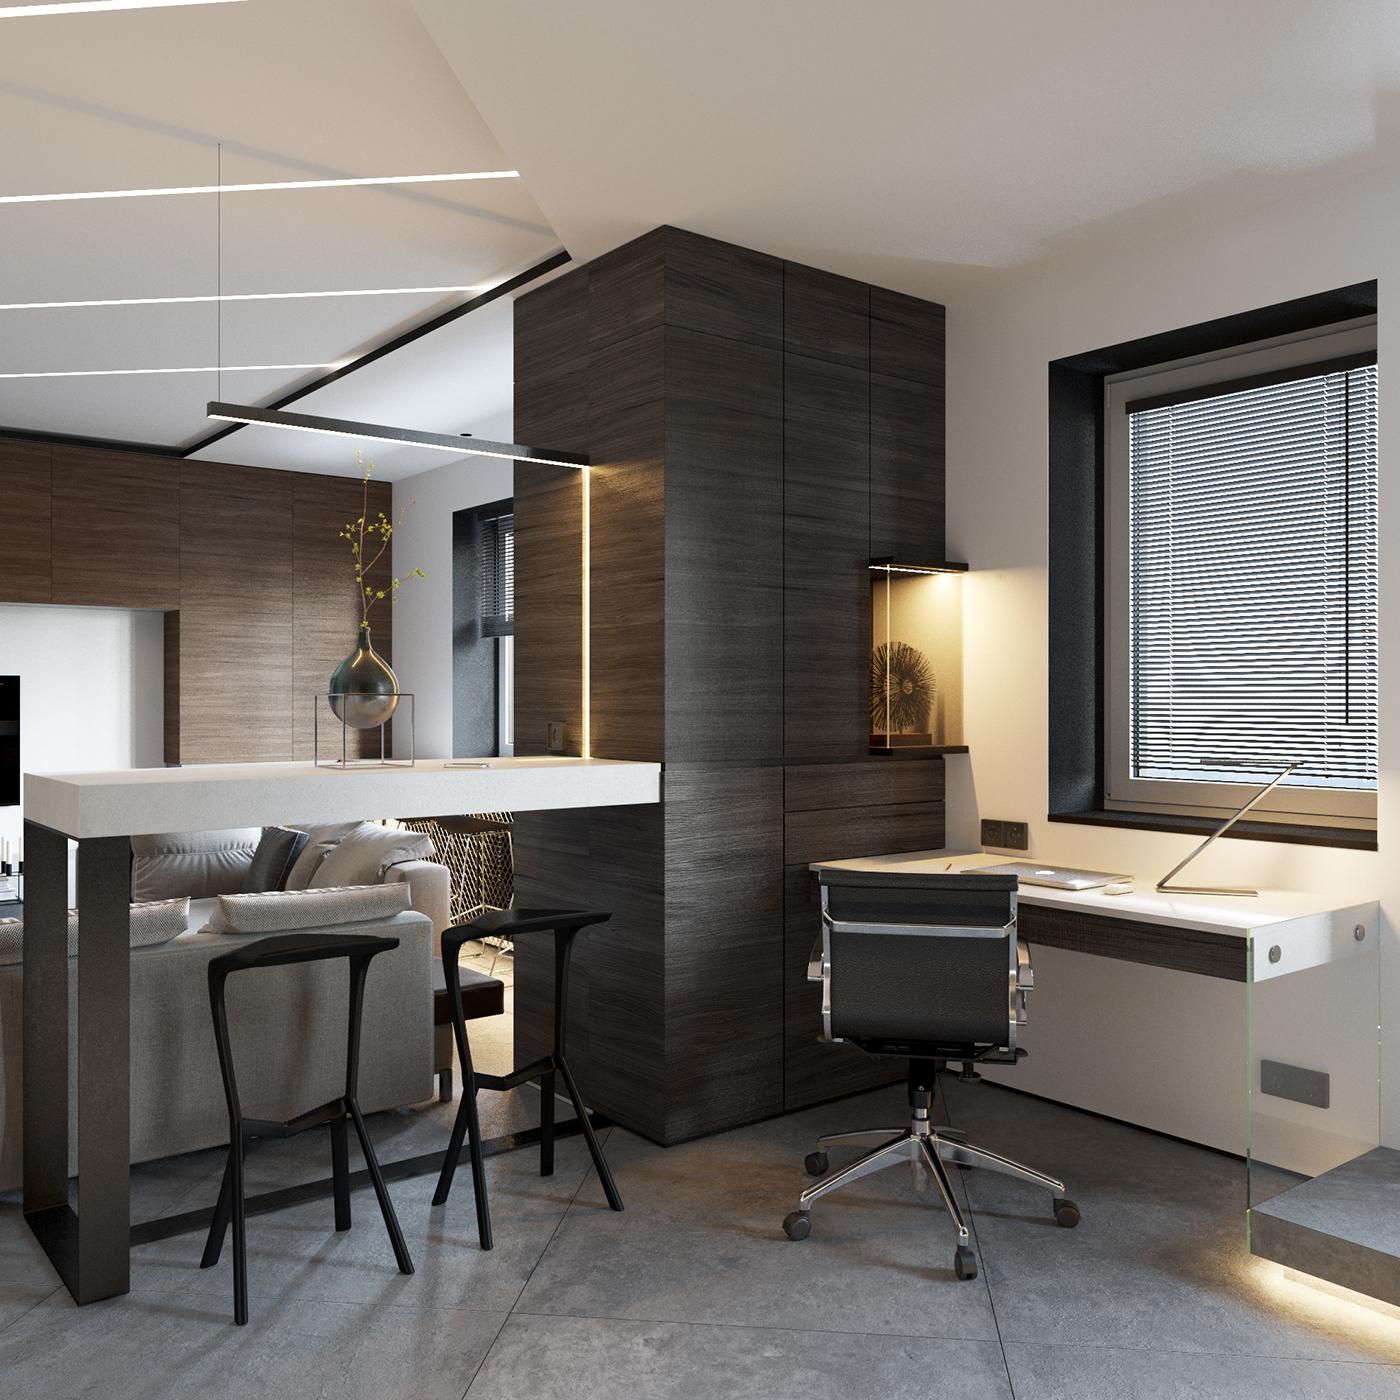 【国外作品】现代公寓设计效果